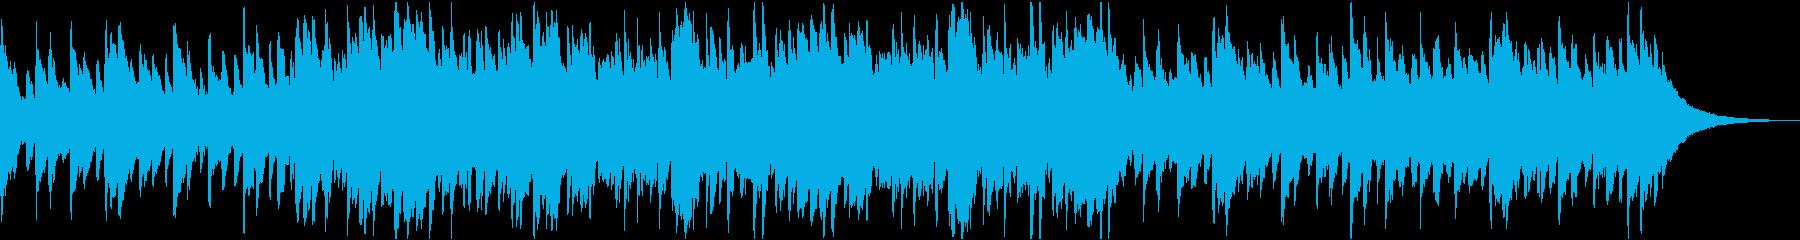 企業VP46 16bit48kHzVerの再生済みの波形